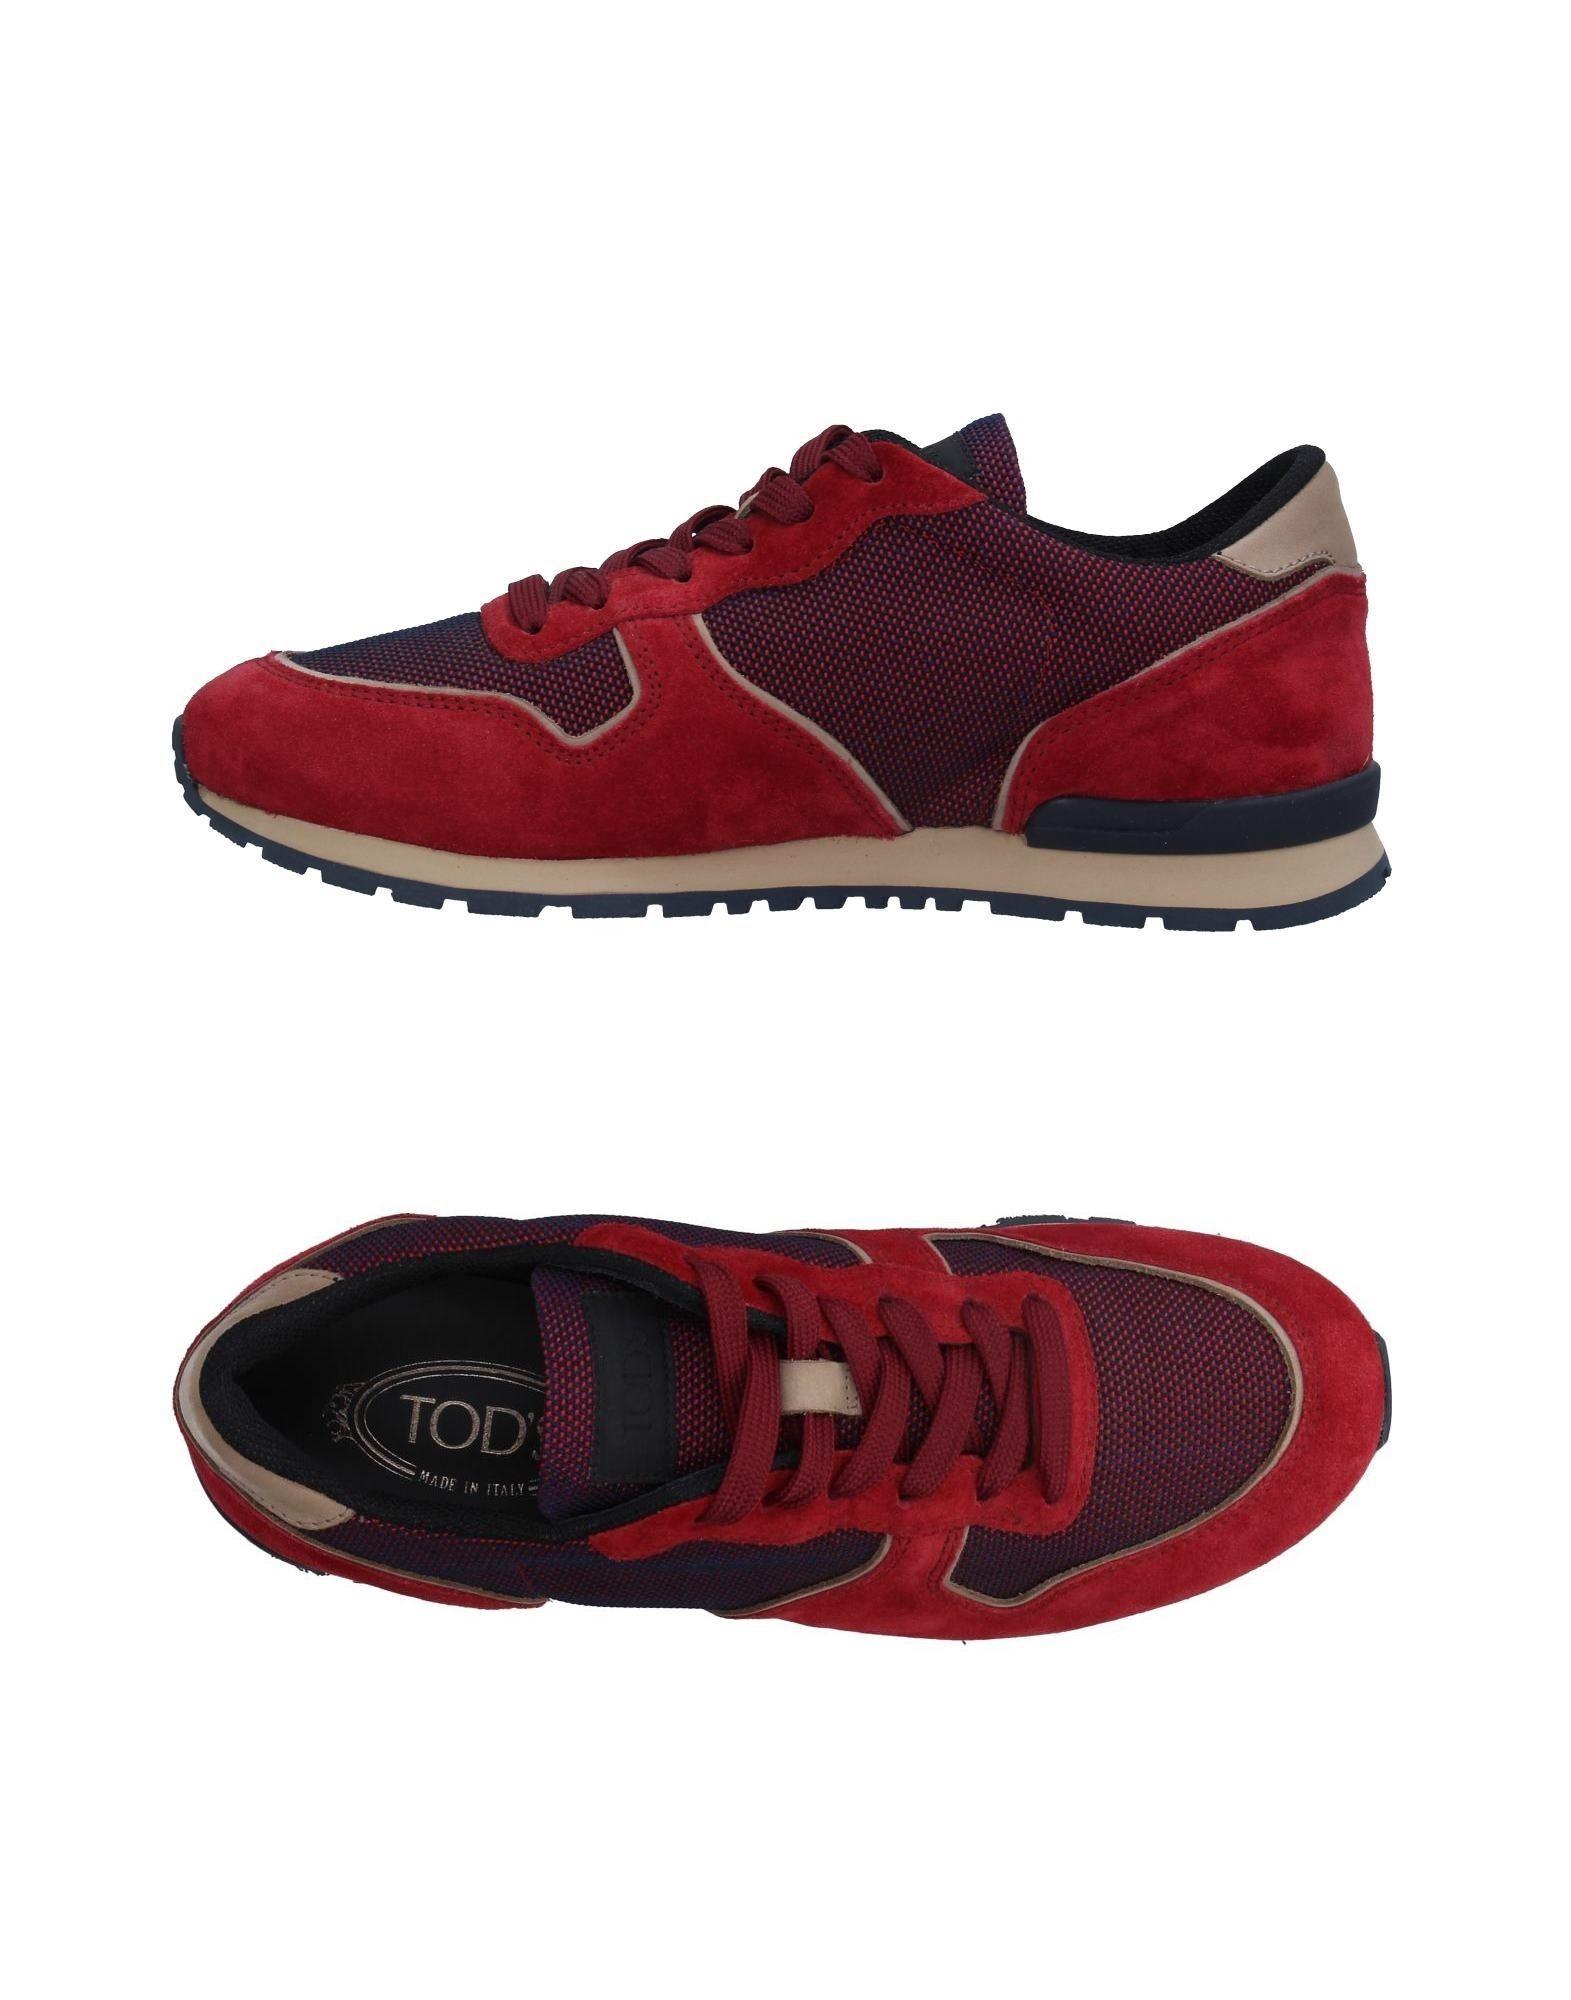 TOD´S Herren Low Sneakers & Tennisschuhe Farbe Rot Größe 11